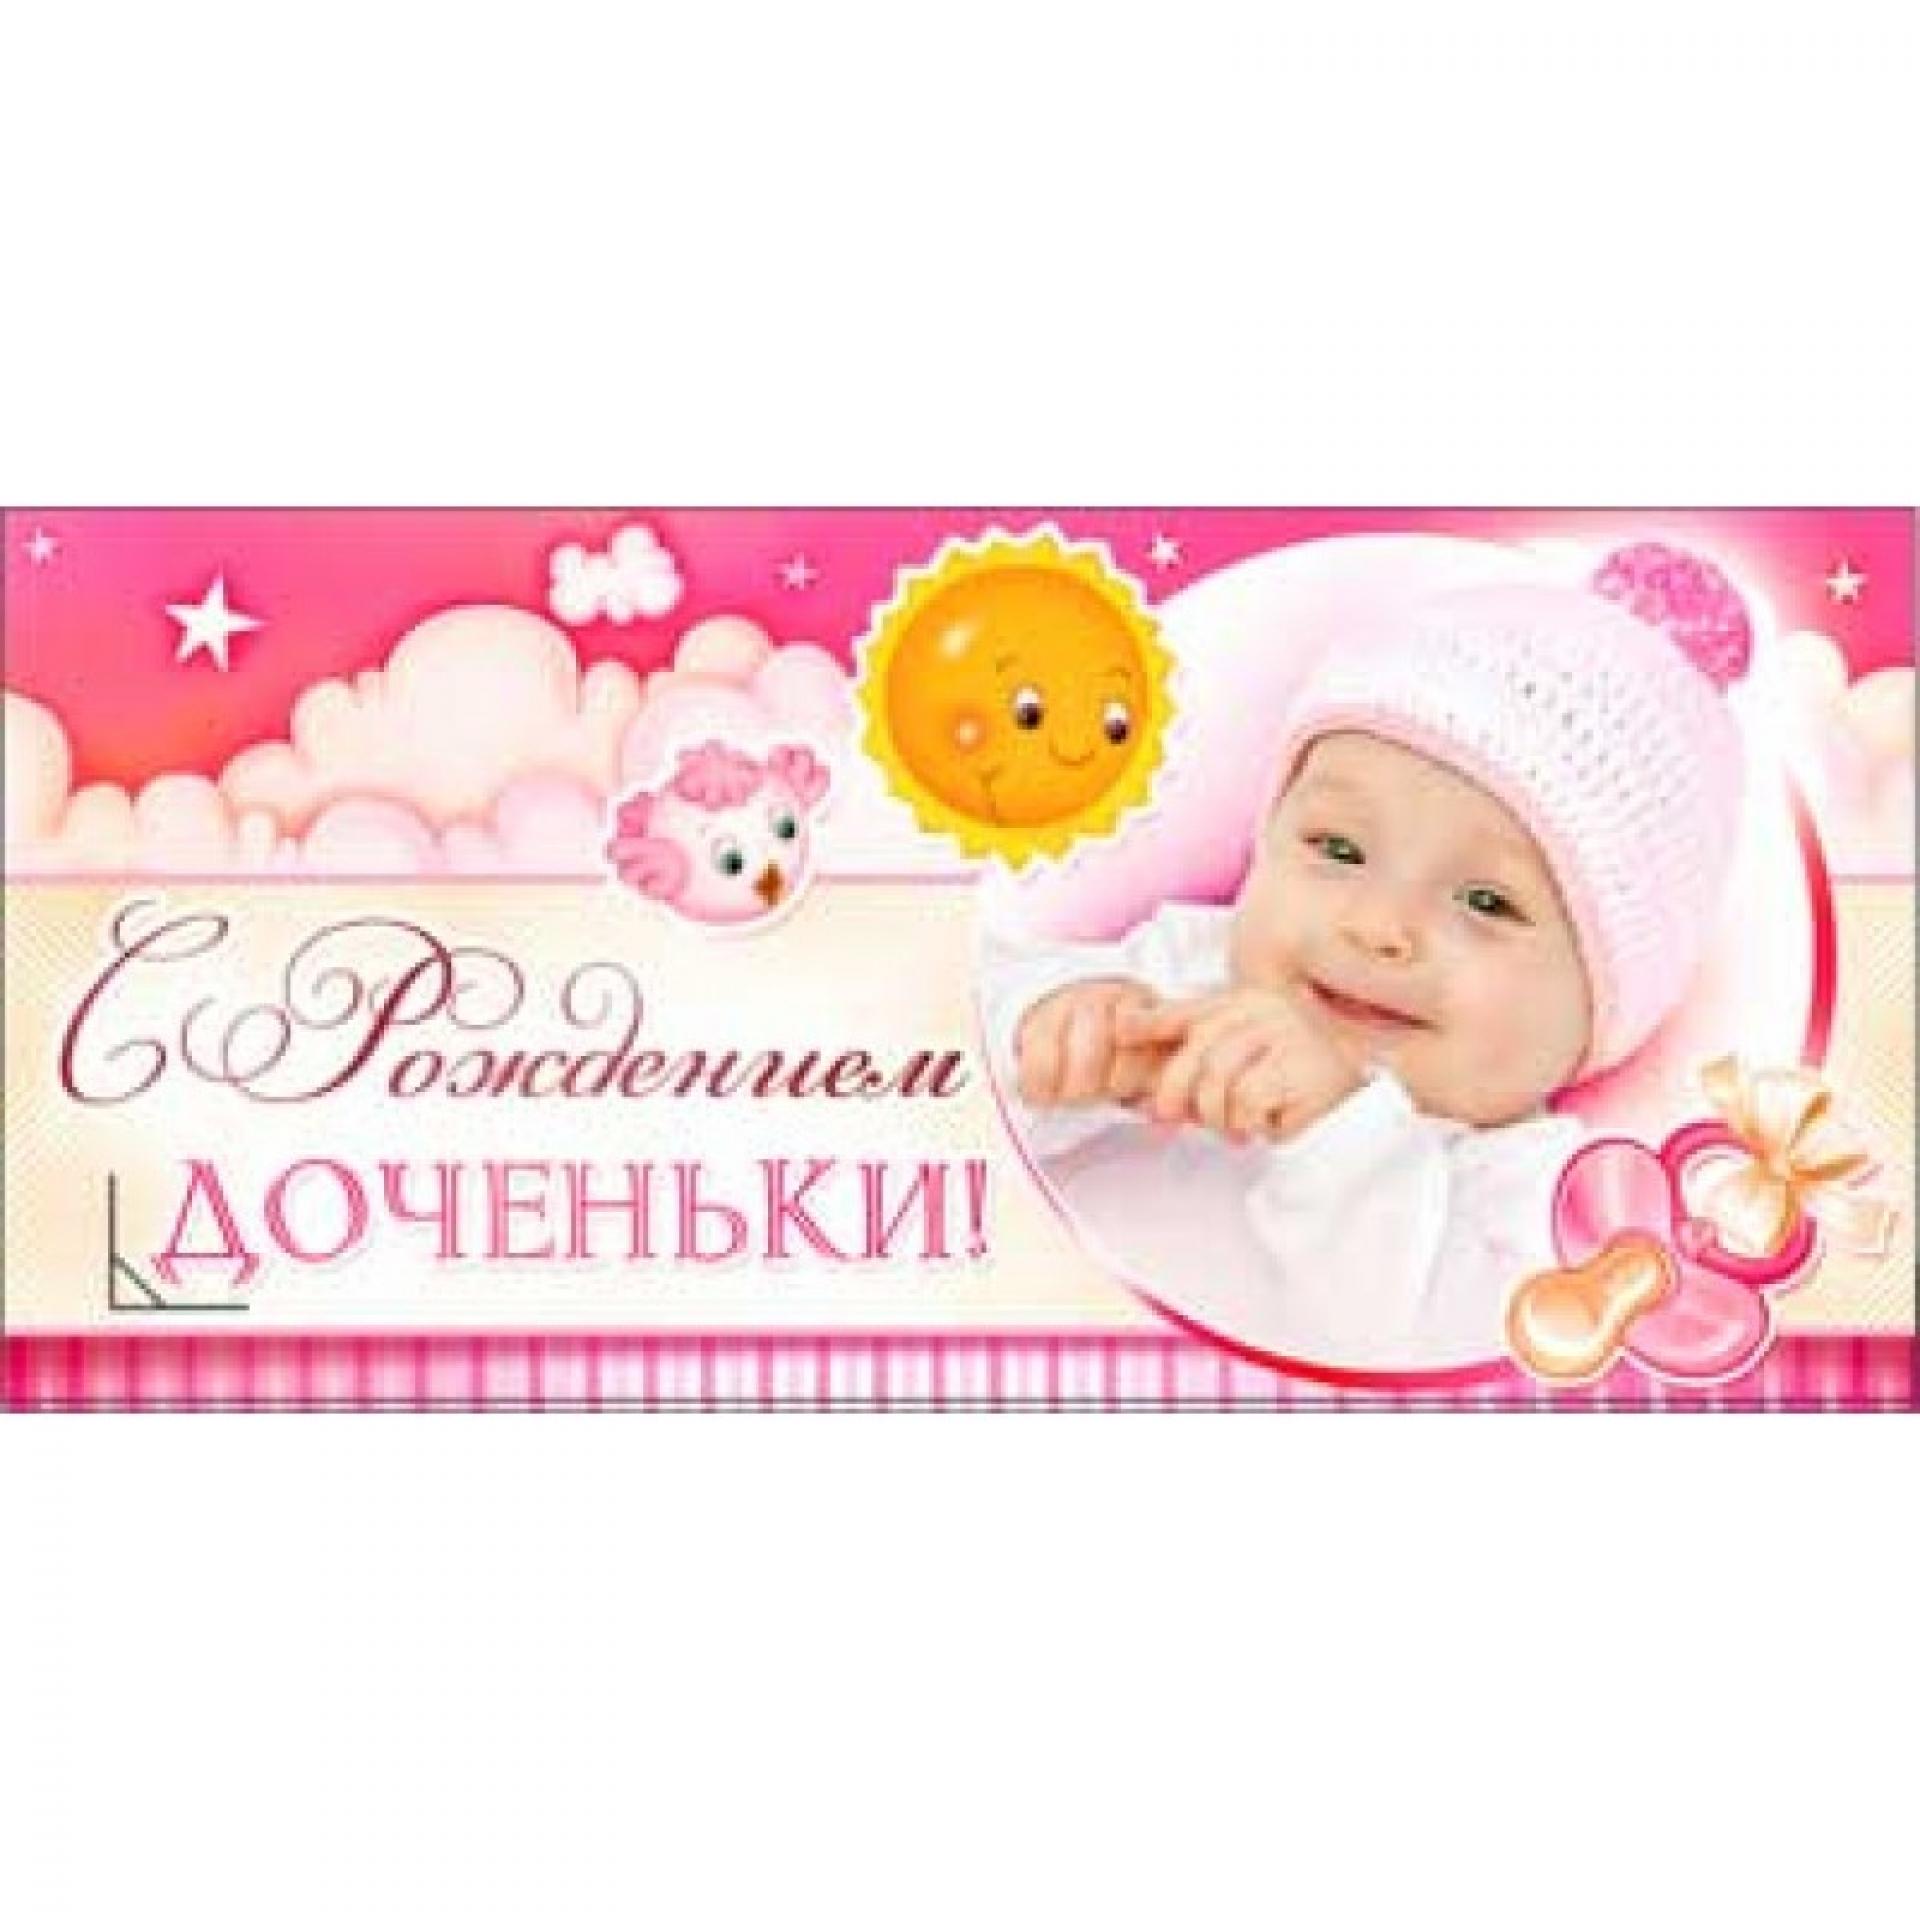 Распечатать открытку с рождение сына, днем